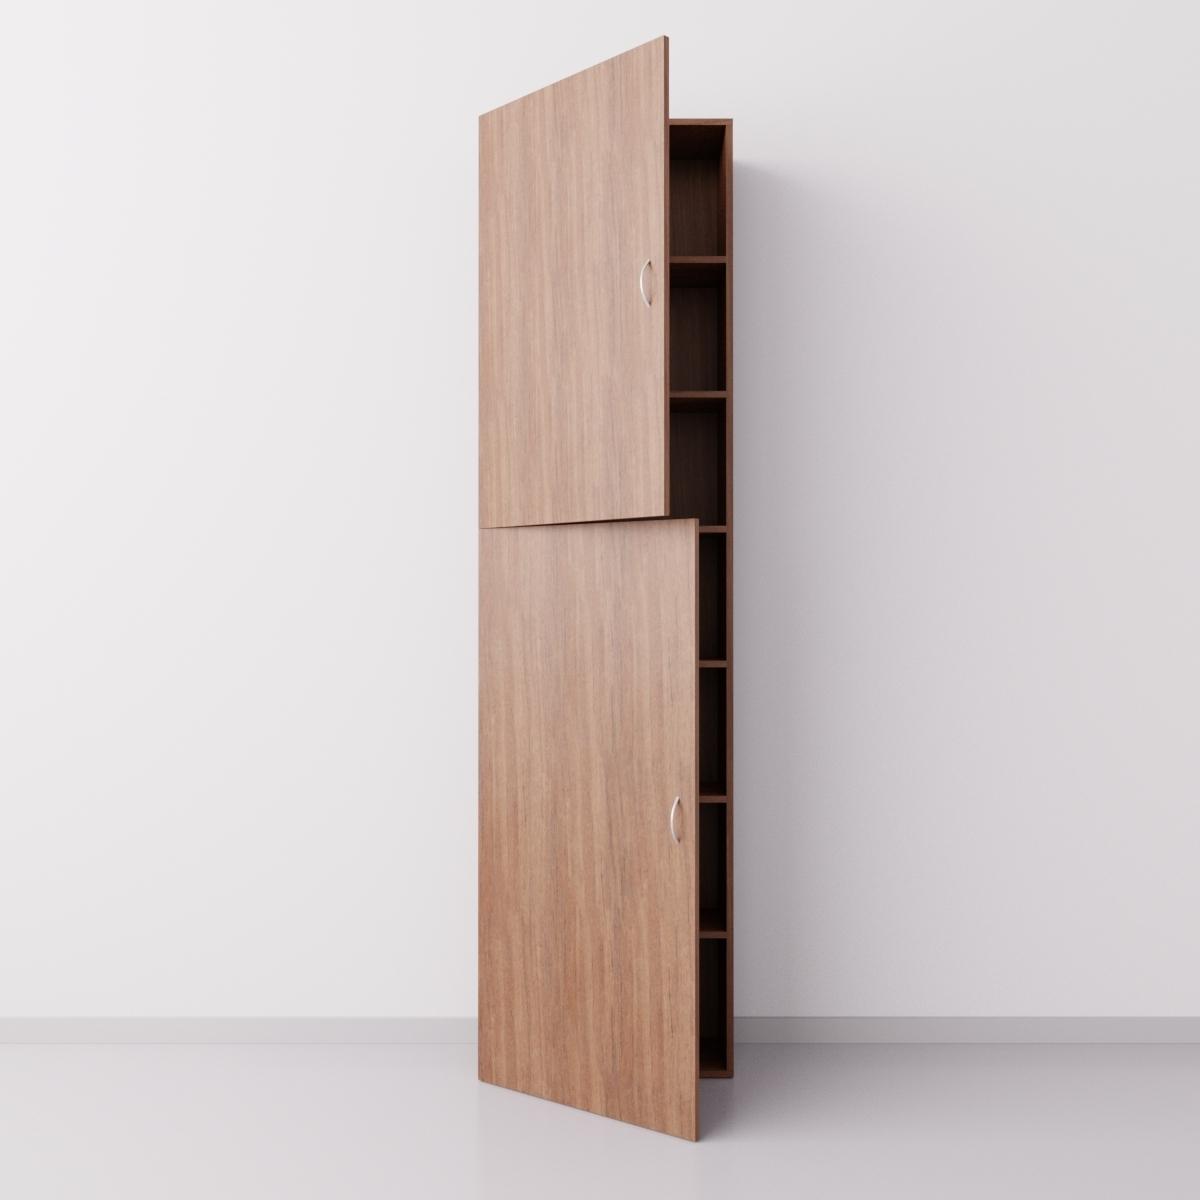 Шкаф из ДСП 1x7 прямоугольников с дверцами, орех